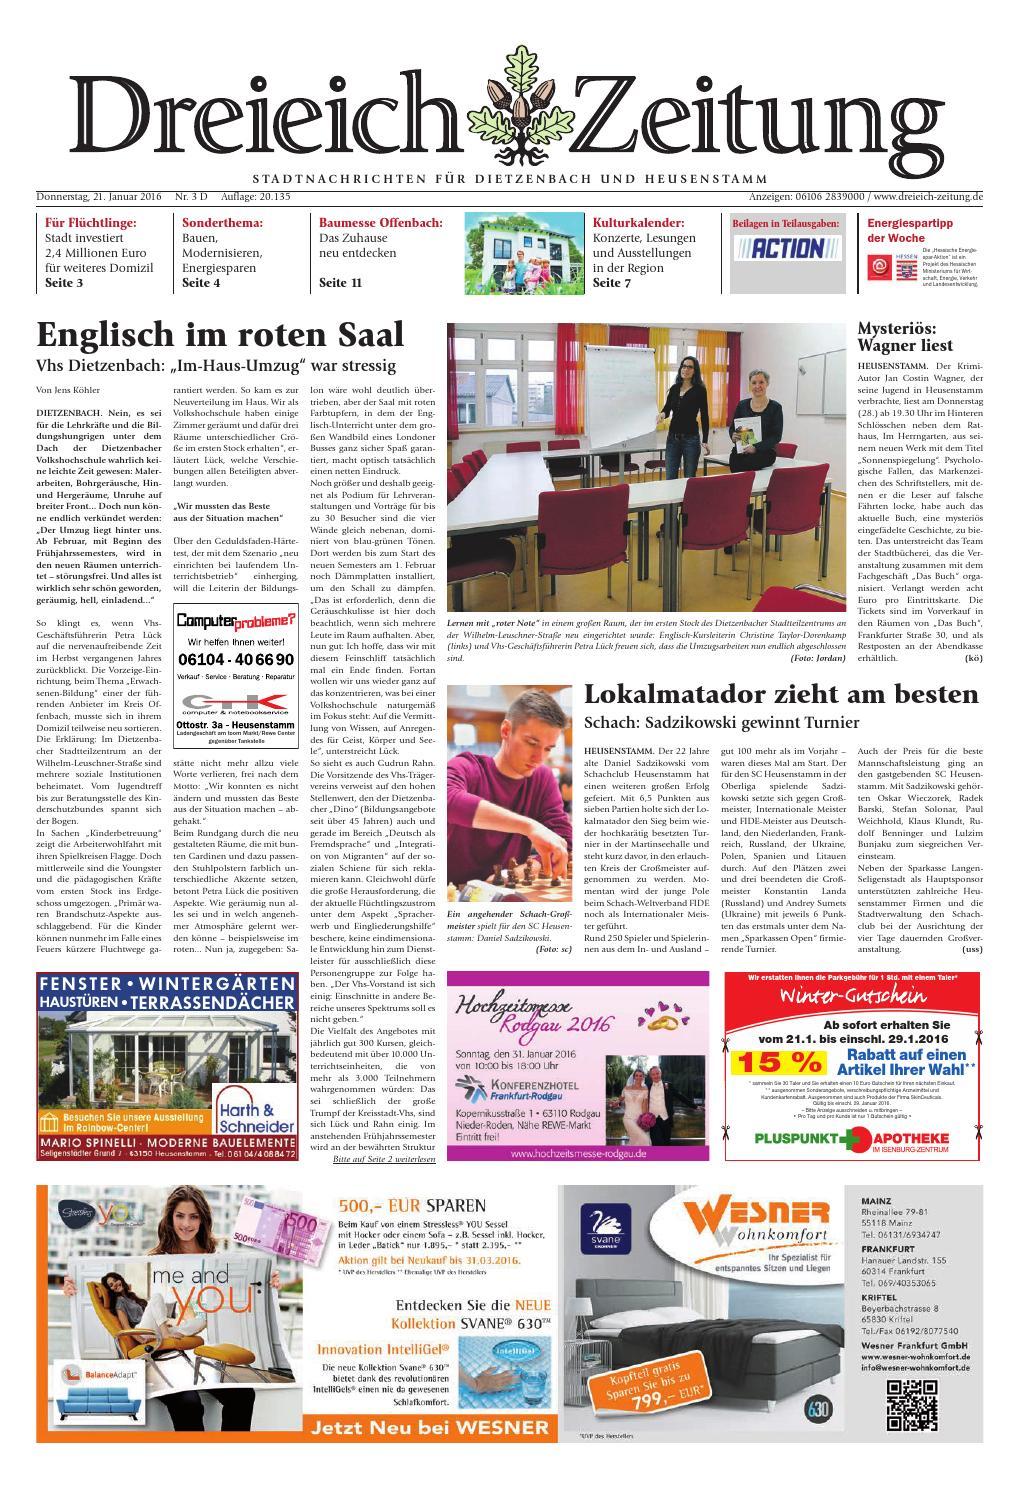 Dz online 003 16 d by Dreieich-Zeitung/Offenbach-Journal - issuu